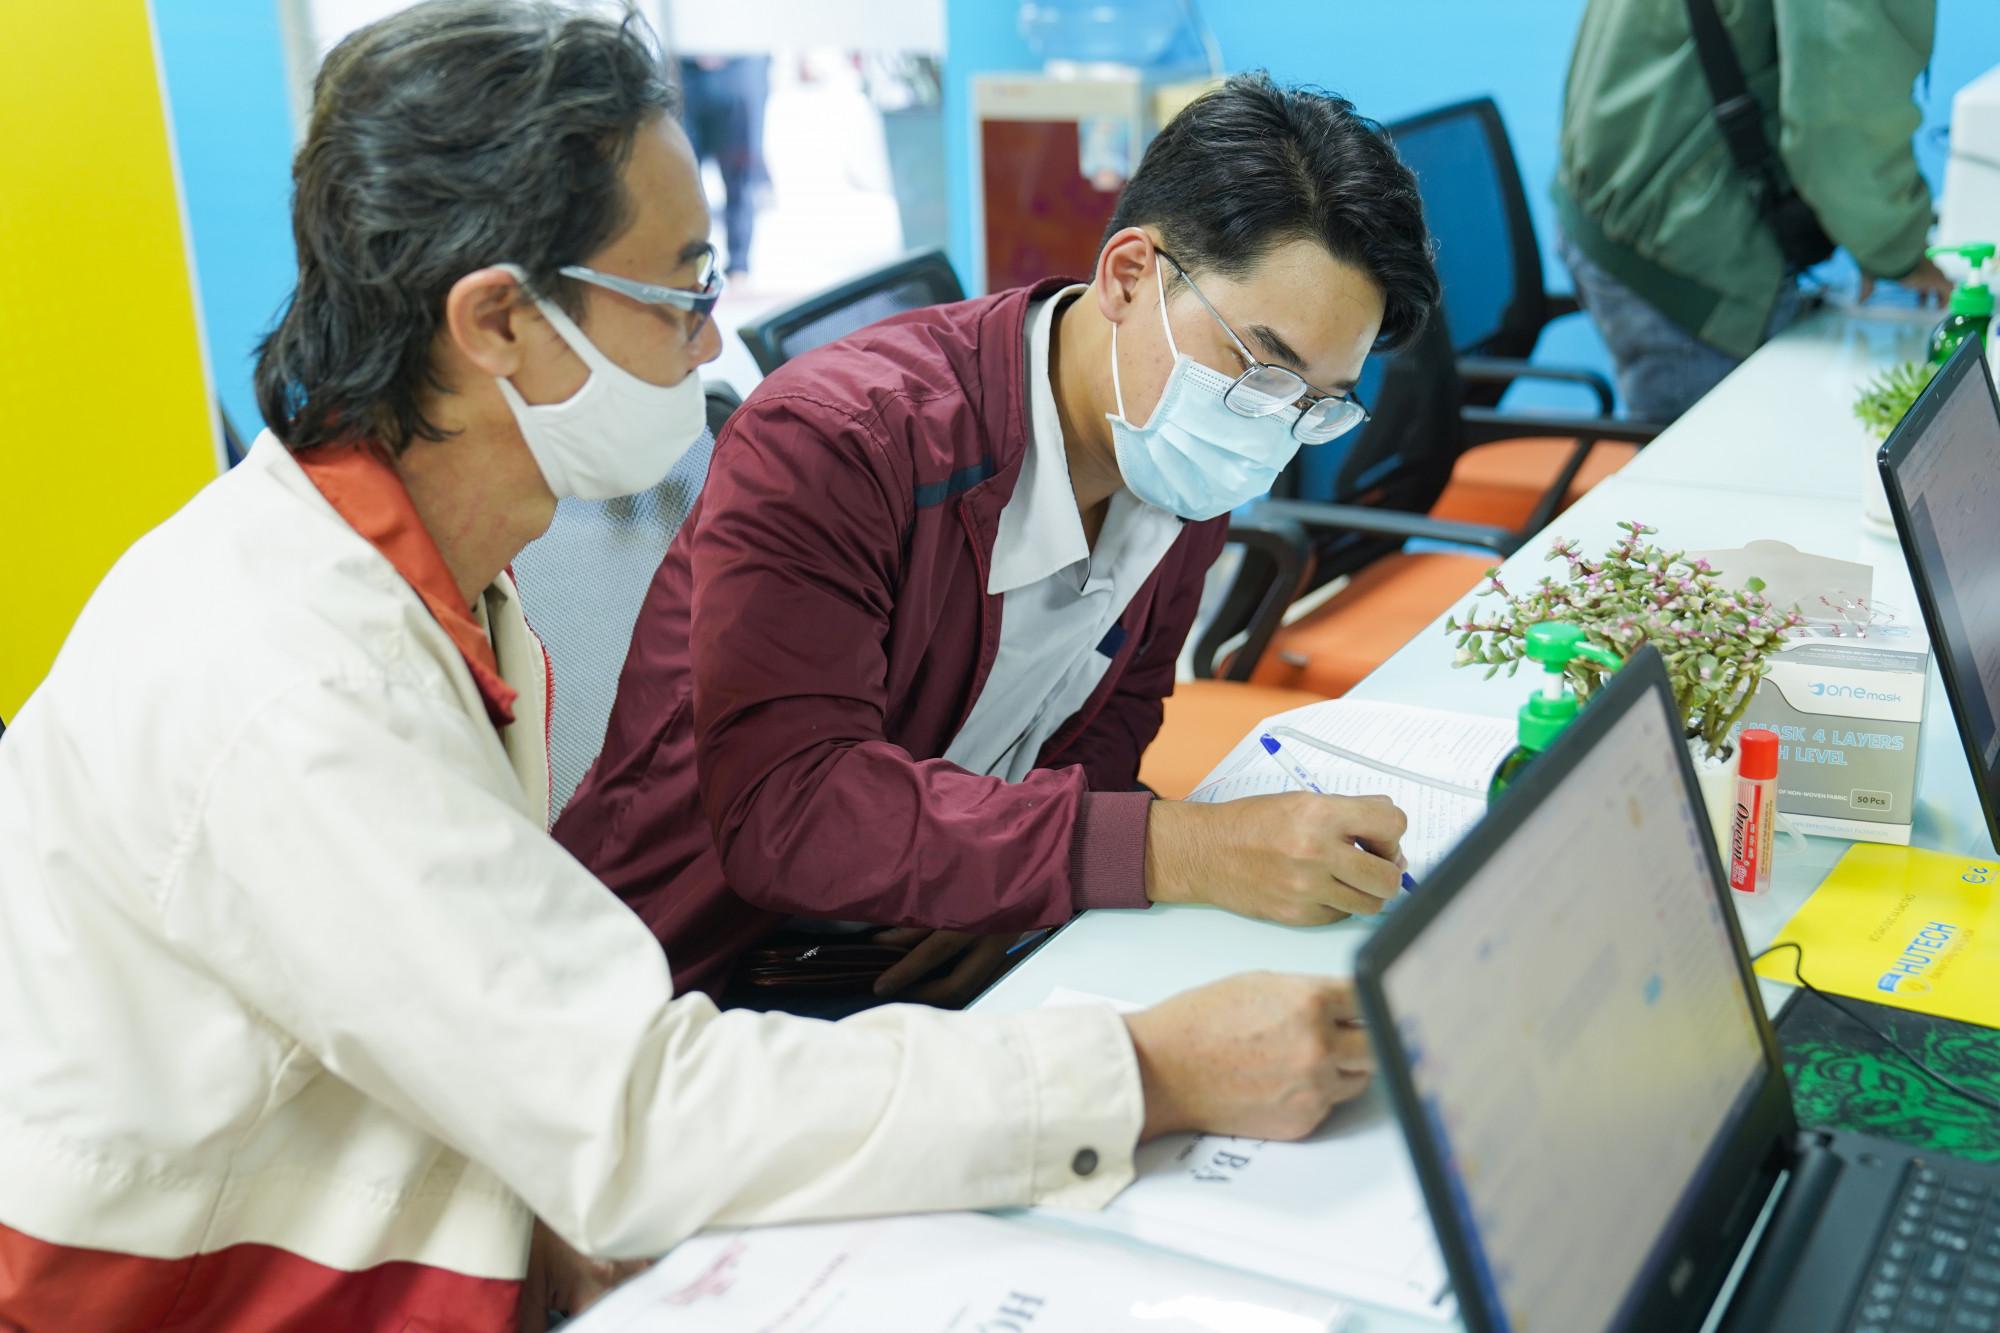 Thí sinh đăng ký xét tuyển tại Trường ĐH Công nghệ TP.HCM- Ảnh chụp trước tháng 5/2021